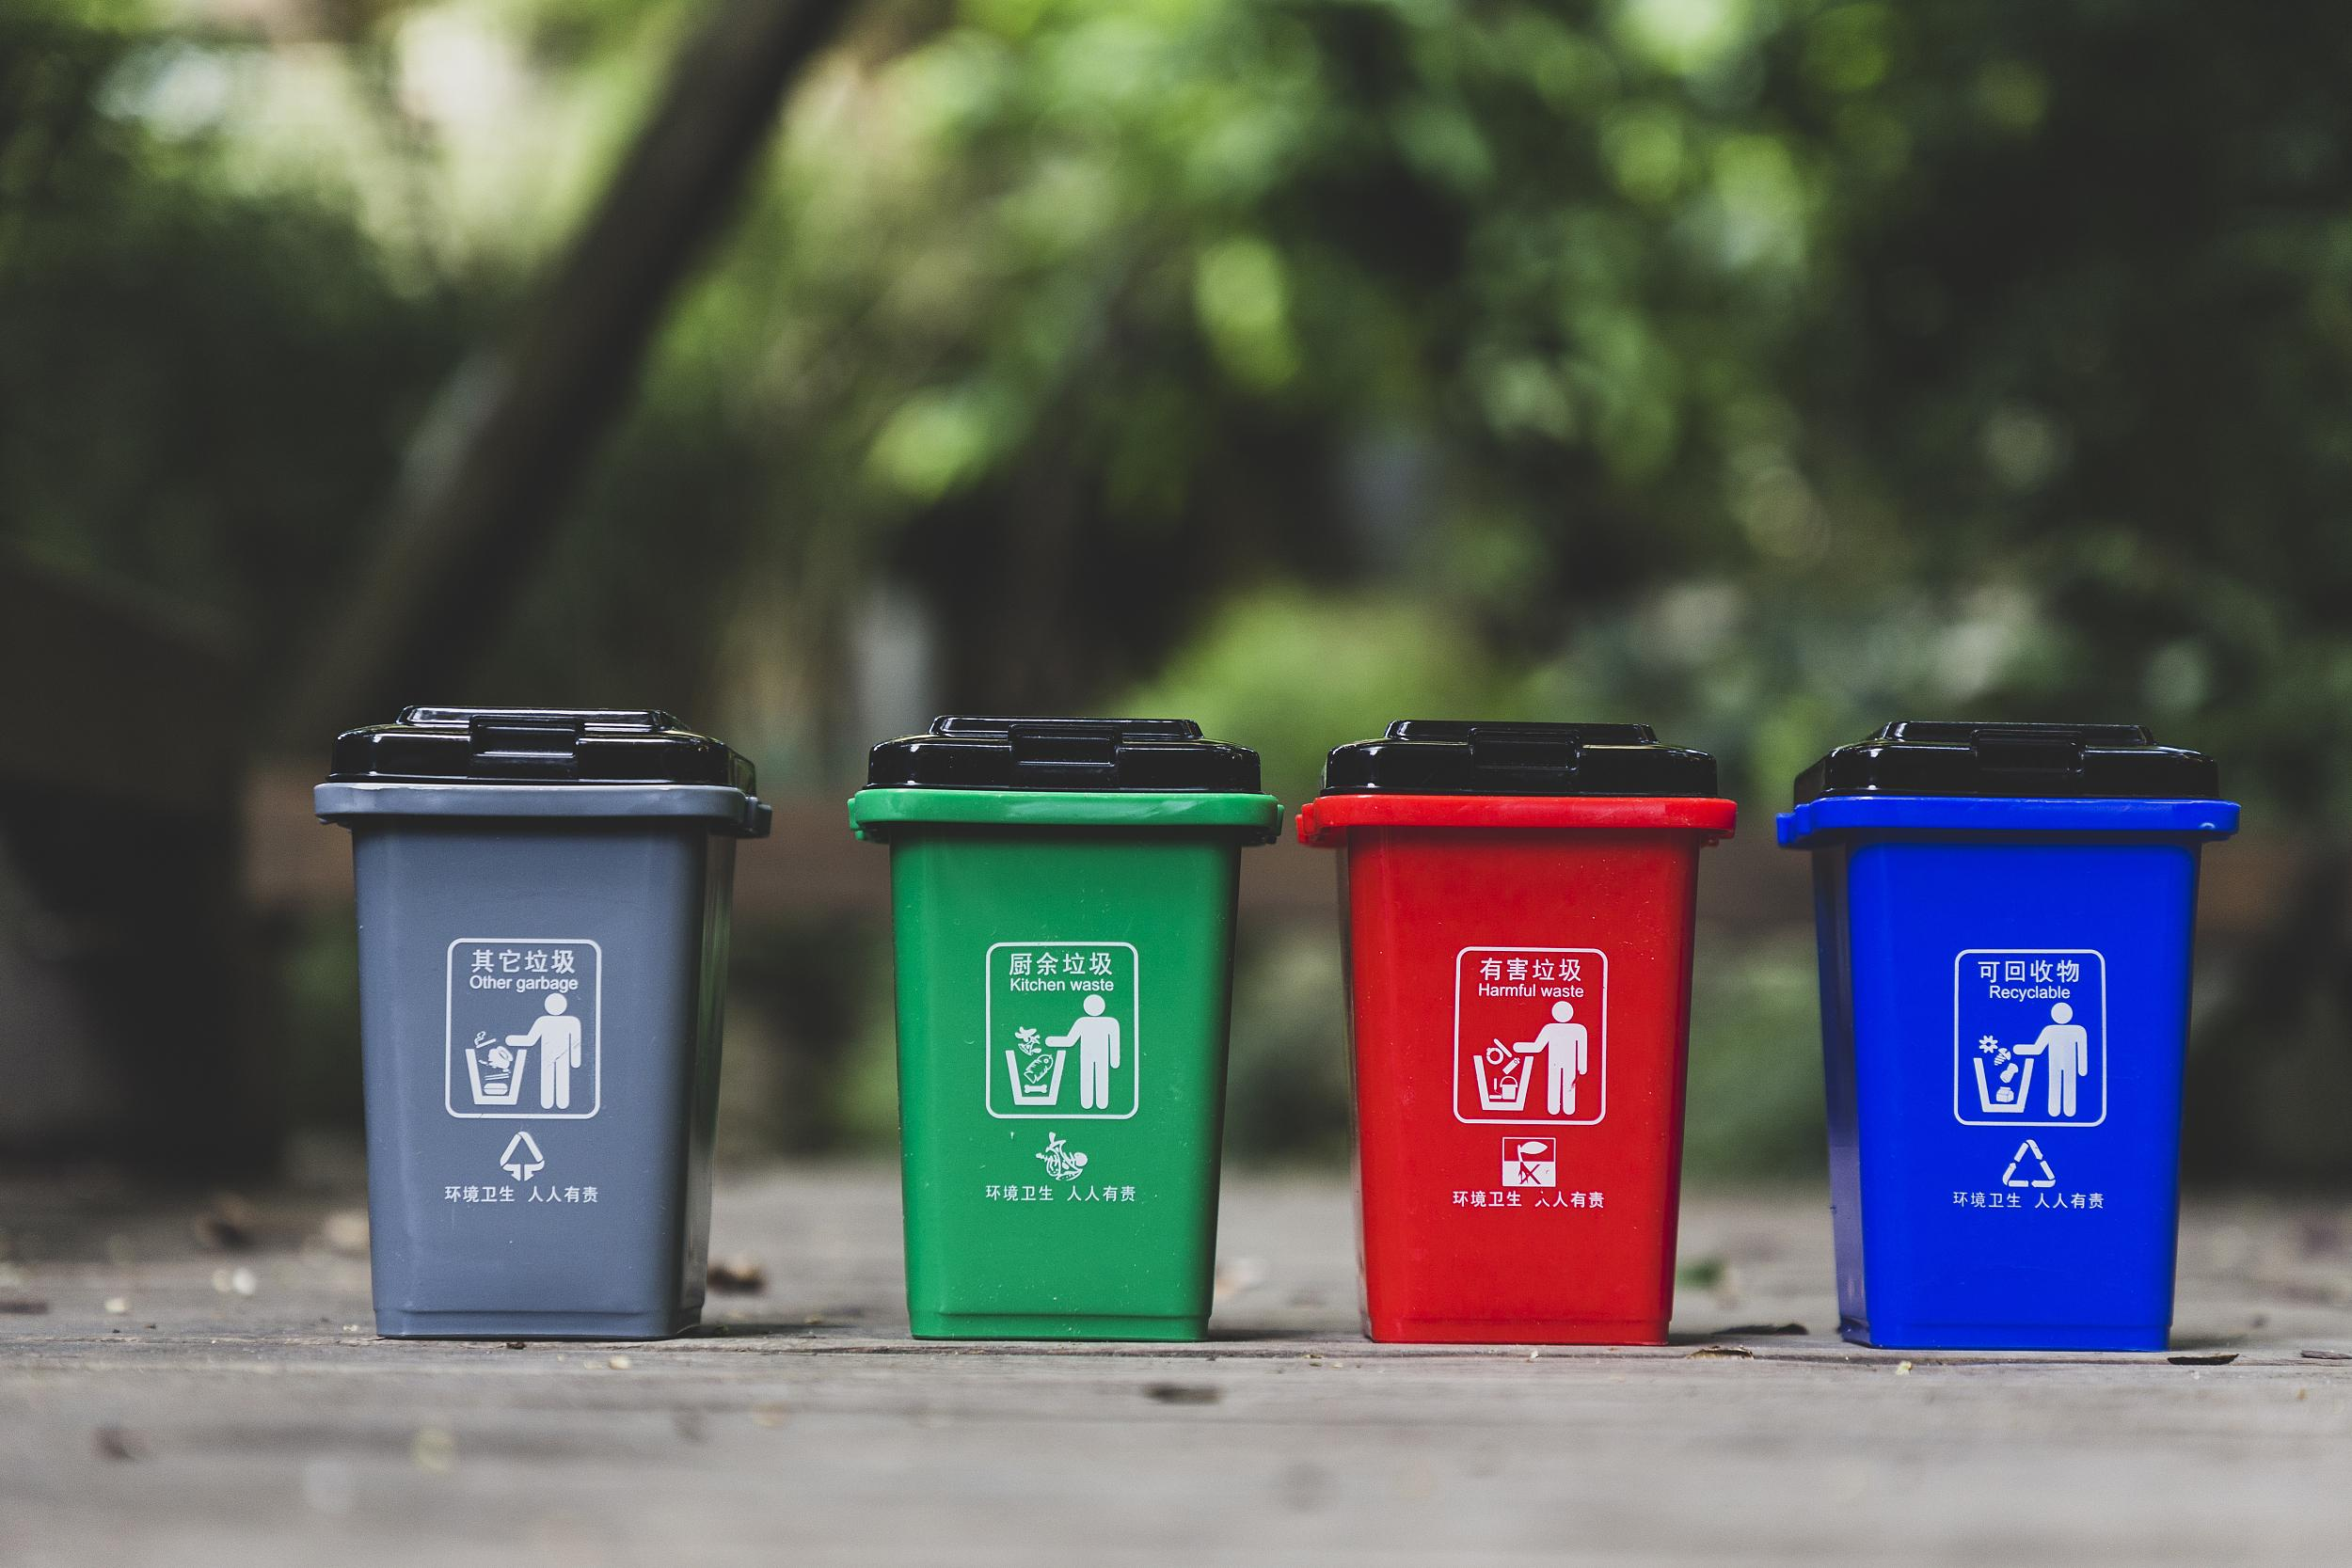 垃圾分类两周年,闪回收为低碳环保事业持续助力